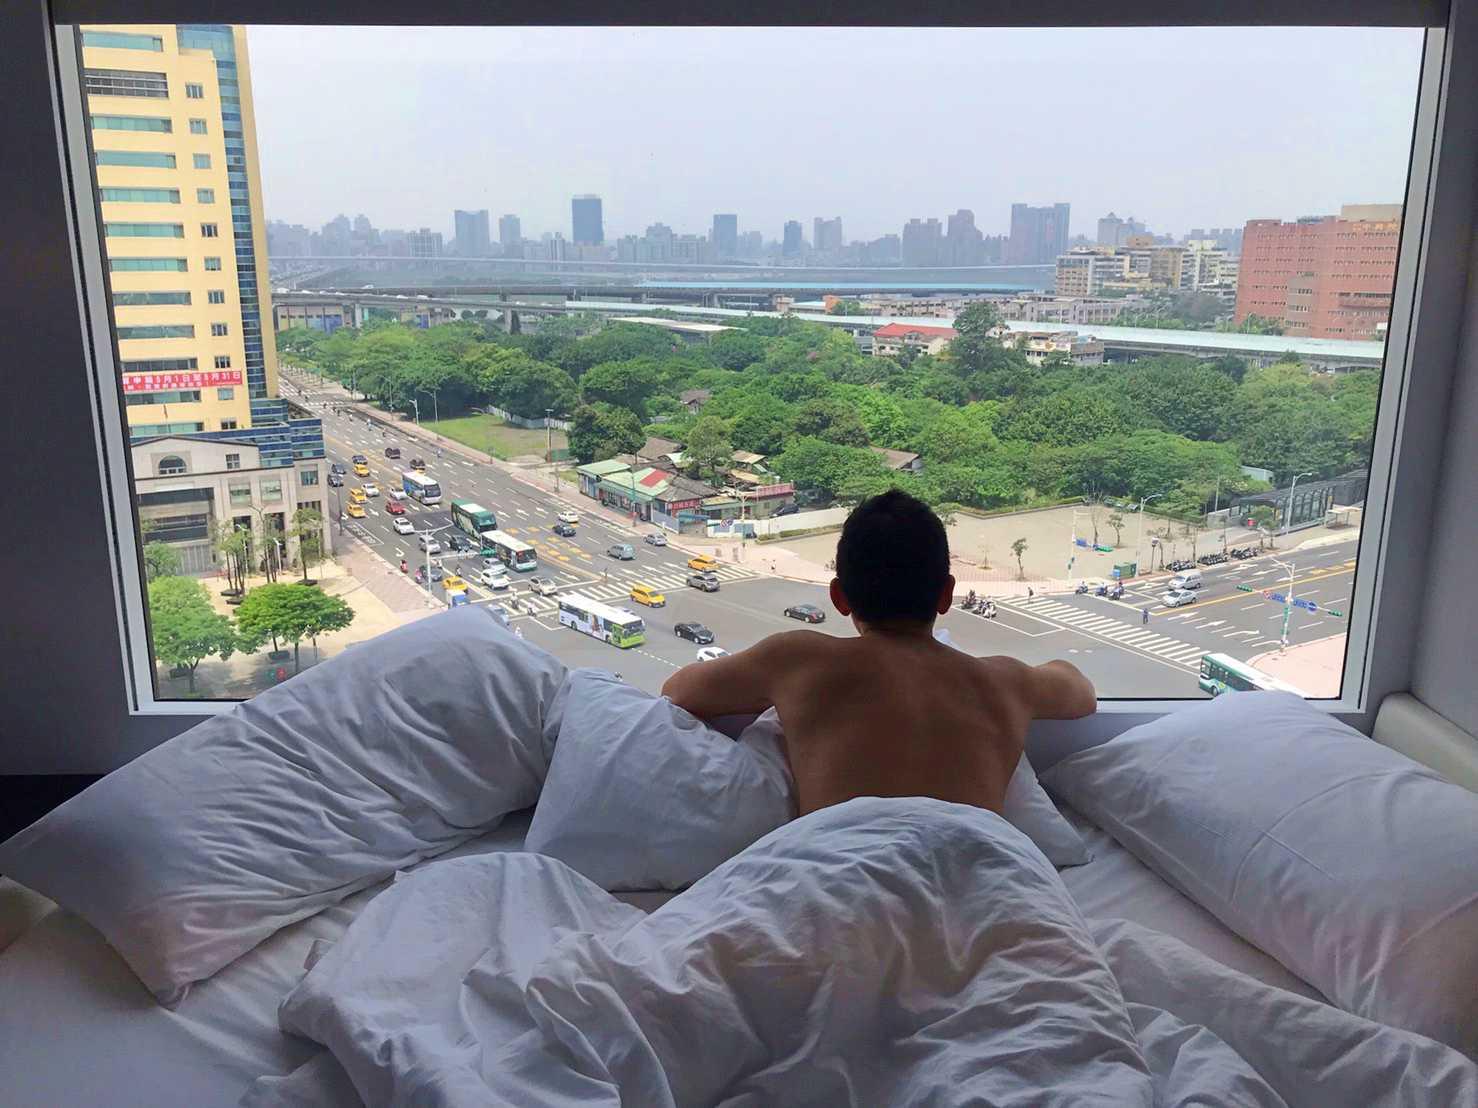 台北.西門町|大片落地窗拍美照 科技感十足的citizenM世民酒店